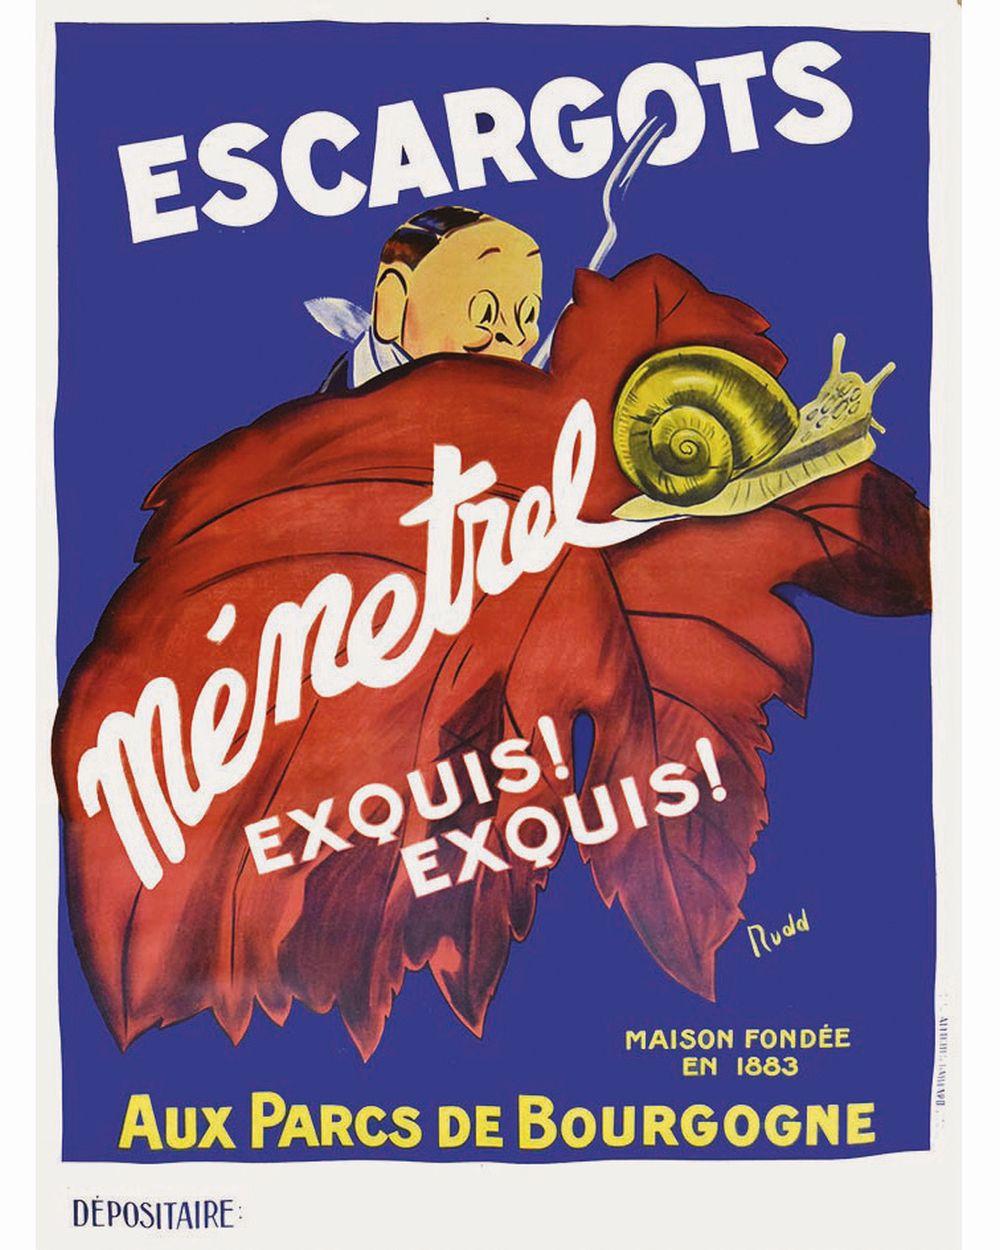 RUDD - Escargots Ménetrel Exquis! Exquis!, Maison fondée en 1883, Au Parc de Bourgogne